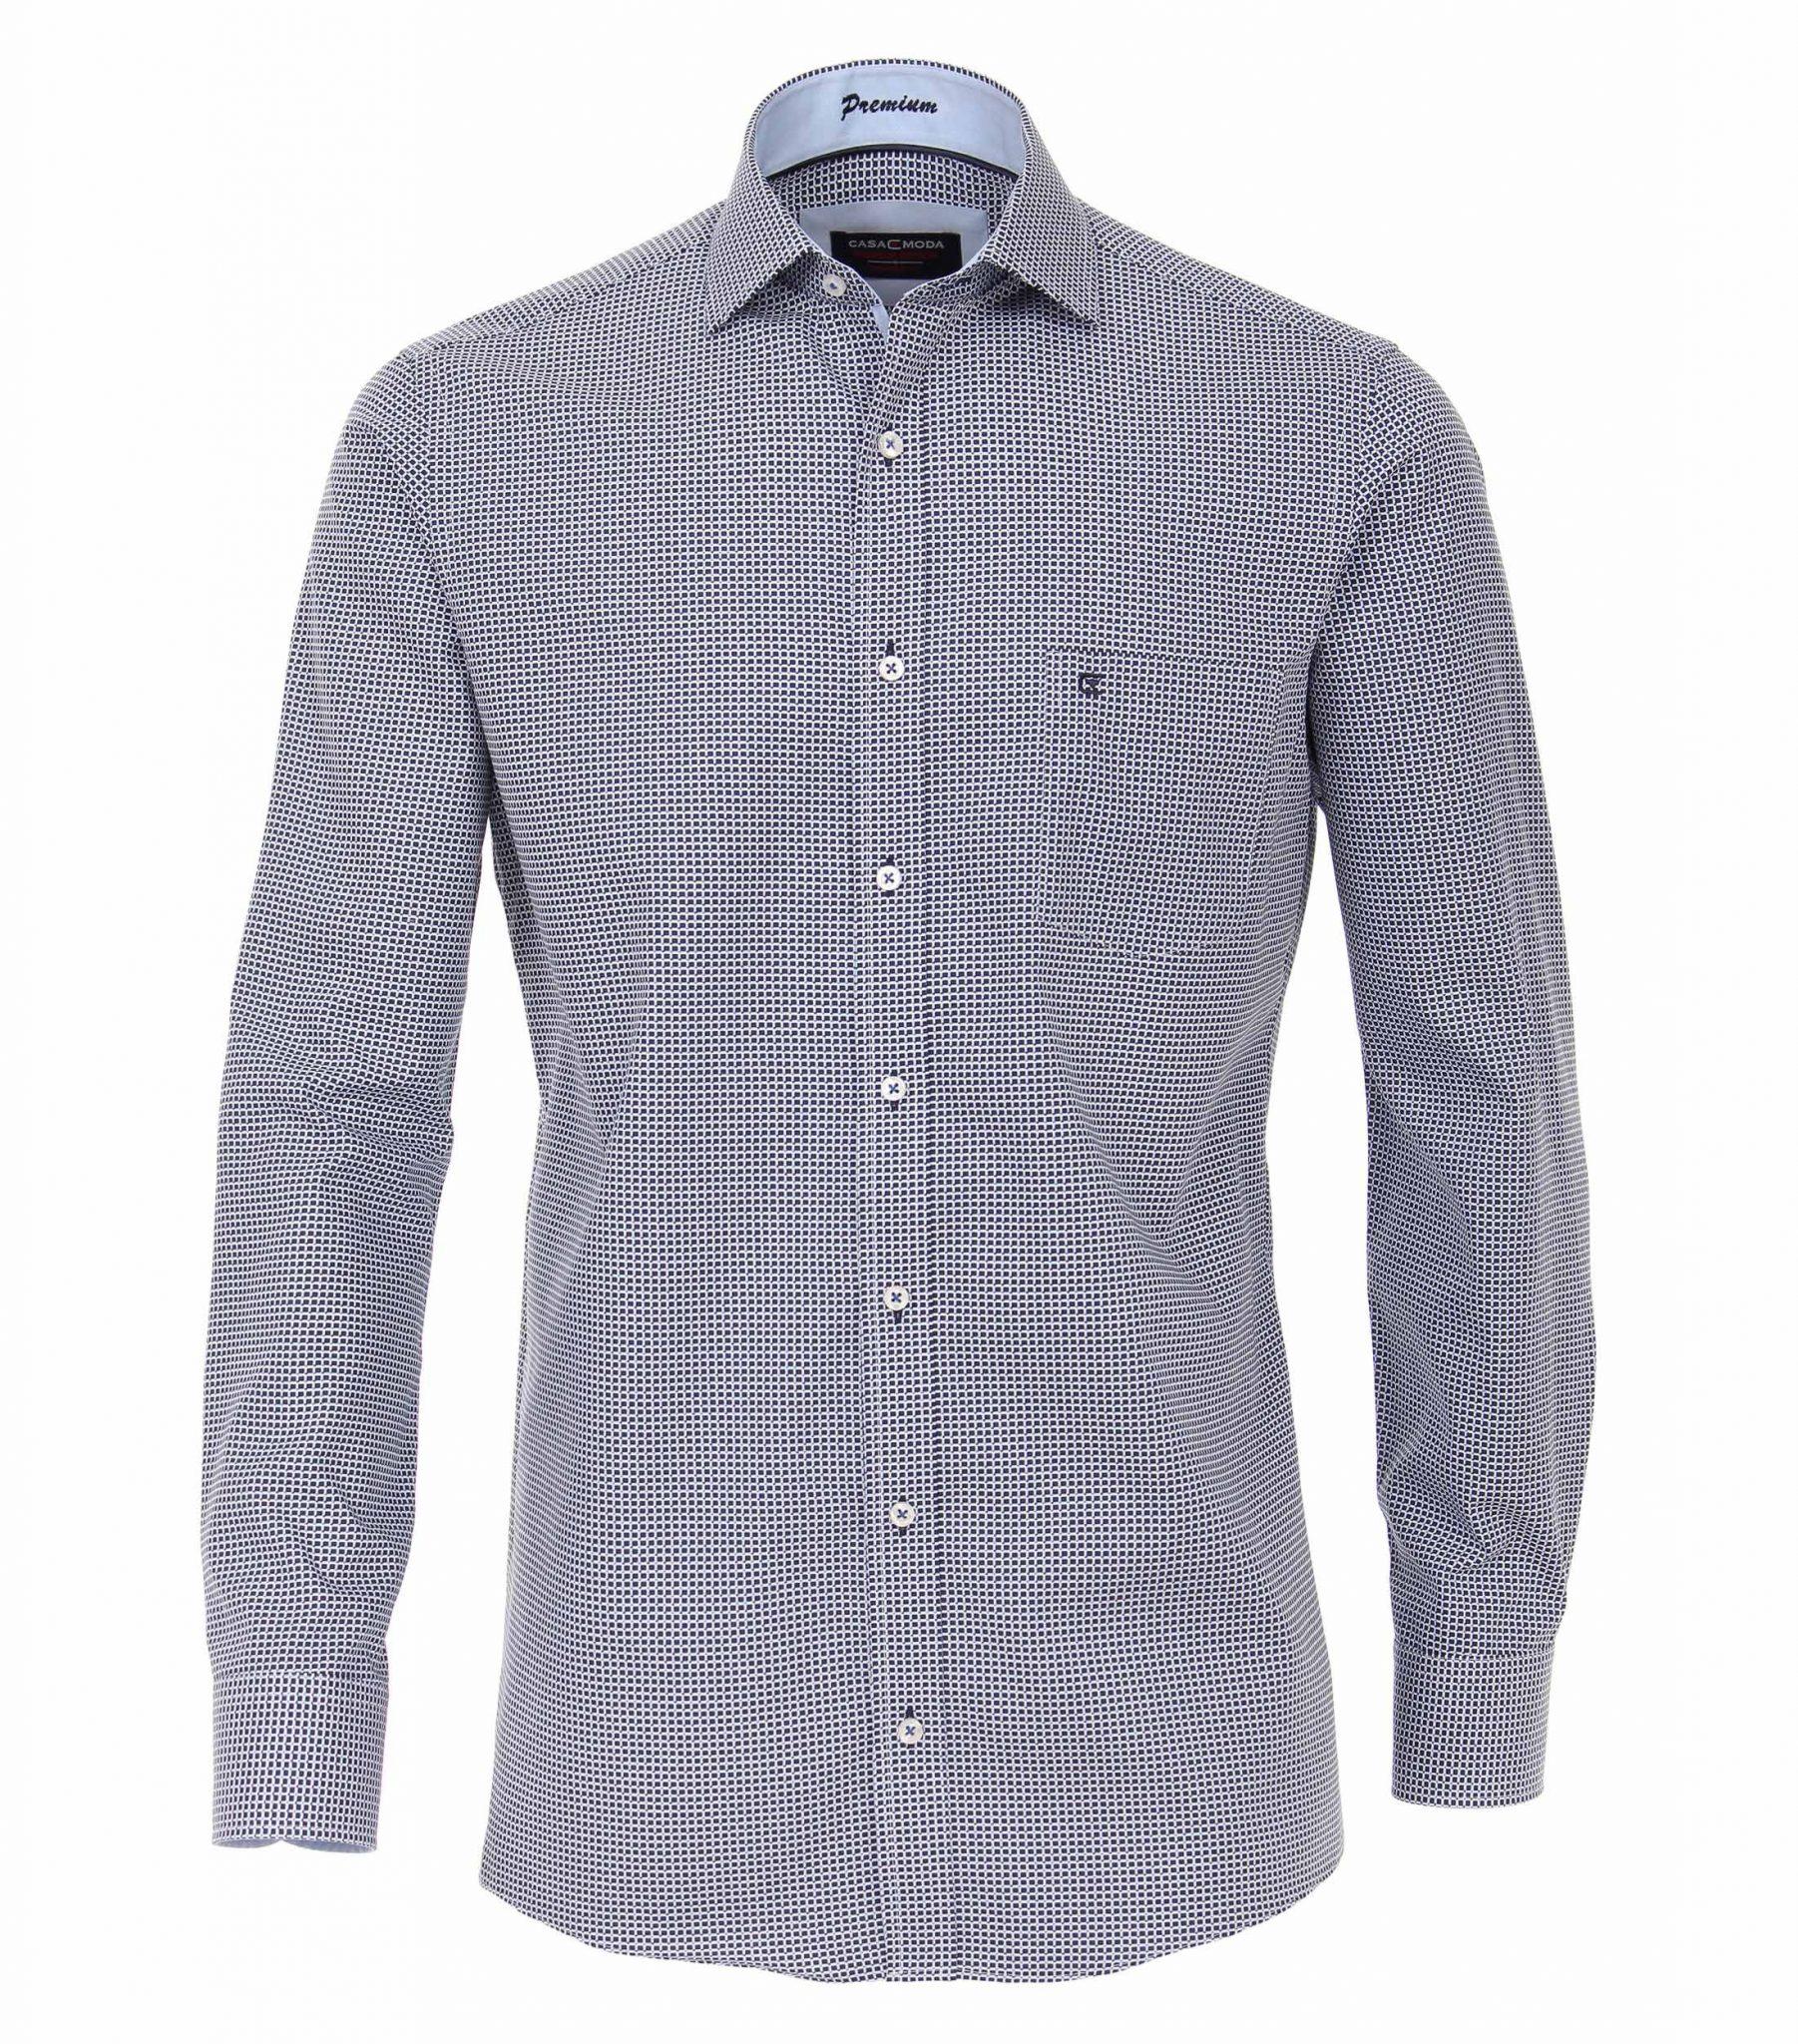 Maat Overhemd.Casa Moda Grote Maat Overhemd Lange Mouw Donkerblauw Blokje